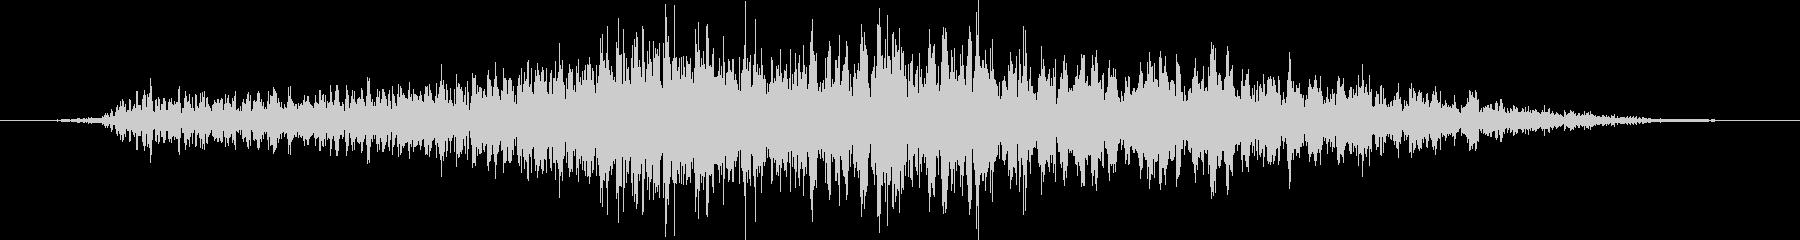 人間の怪物:遅い低うなり声の未再生の波形